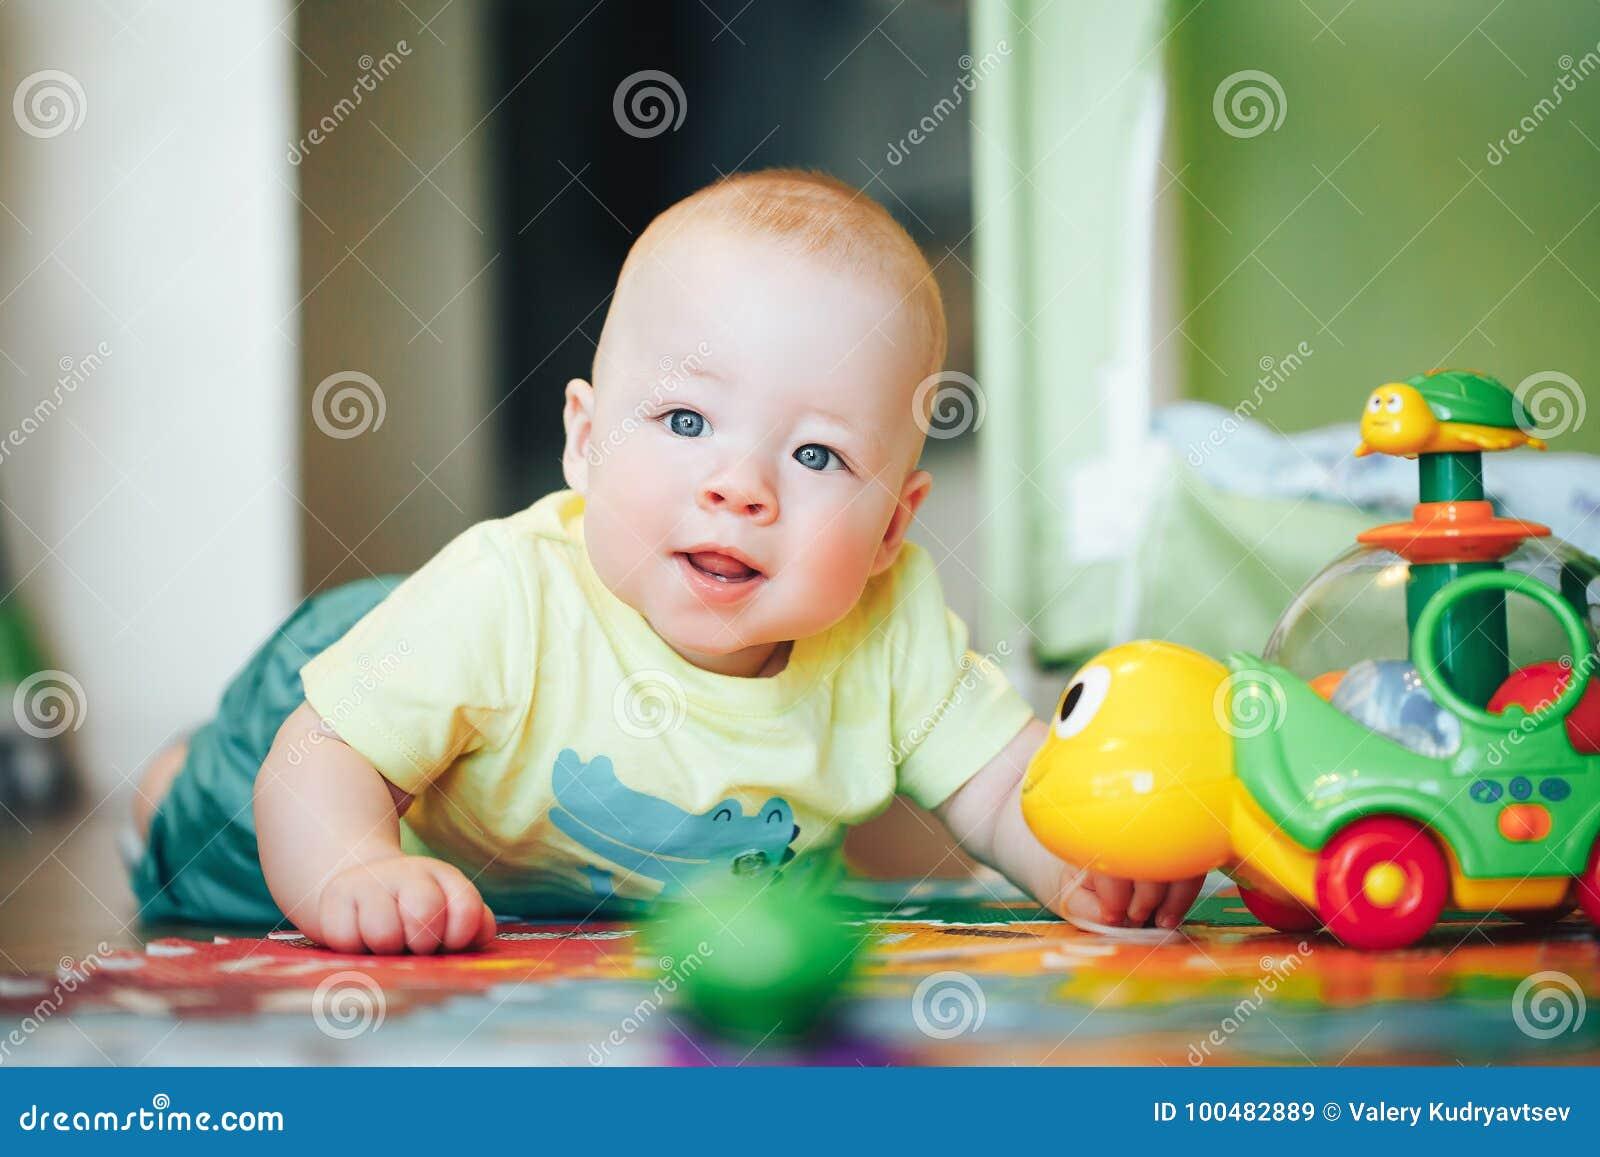 Il ragazzo infantile del bambino del bambino sei mesi sta giocando su un pavimento